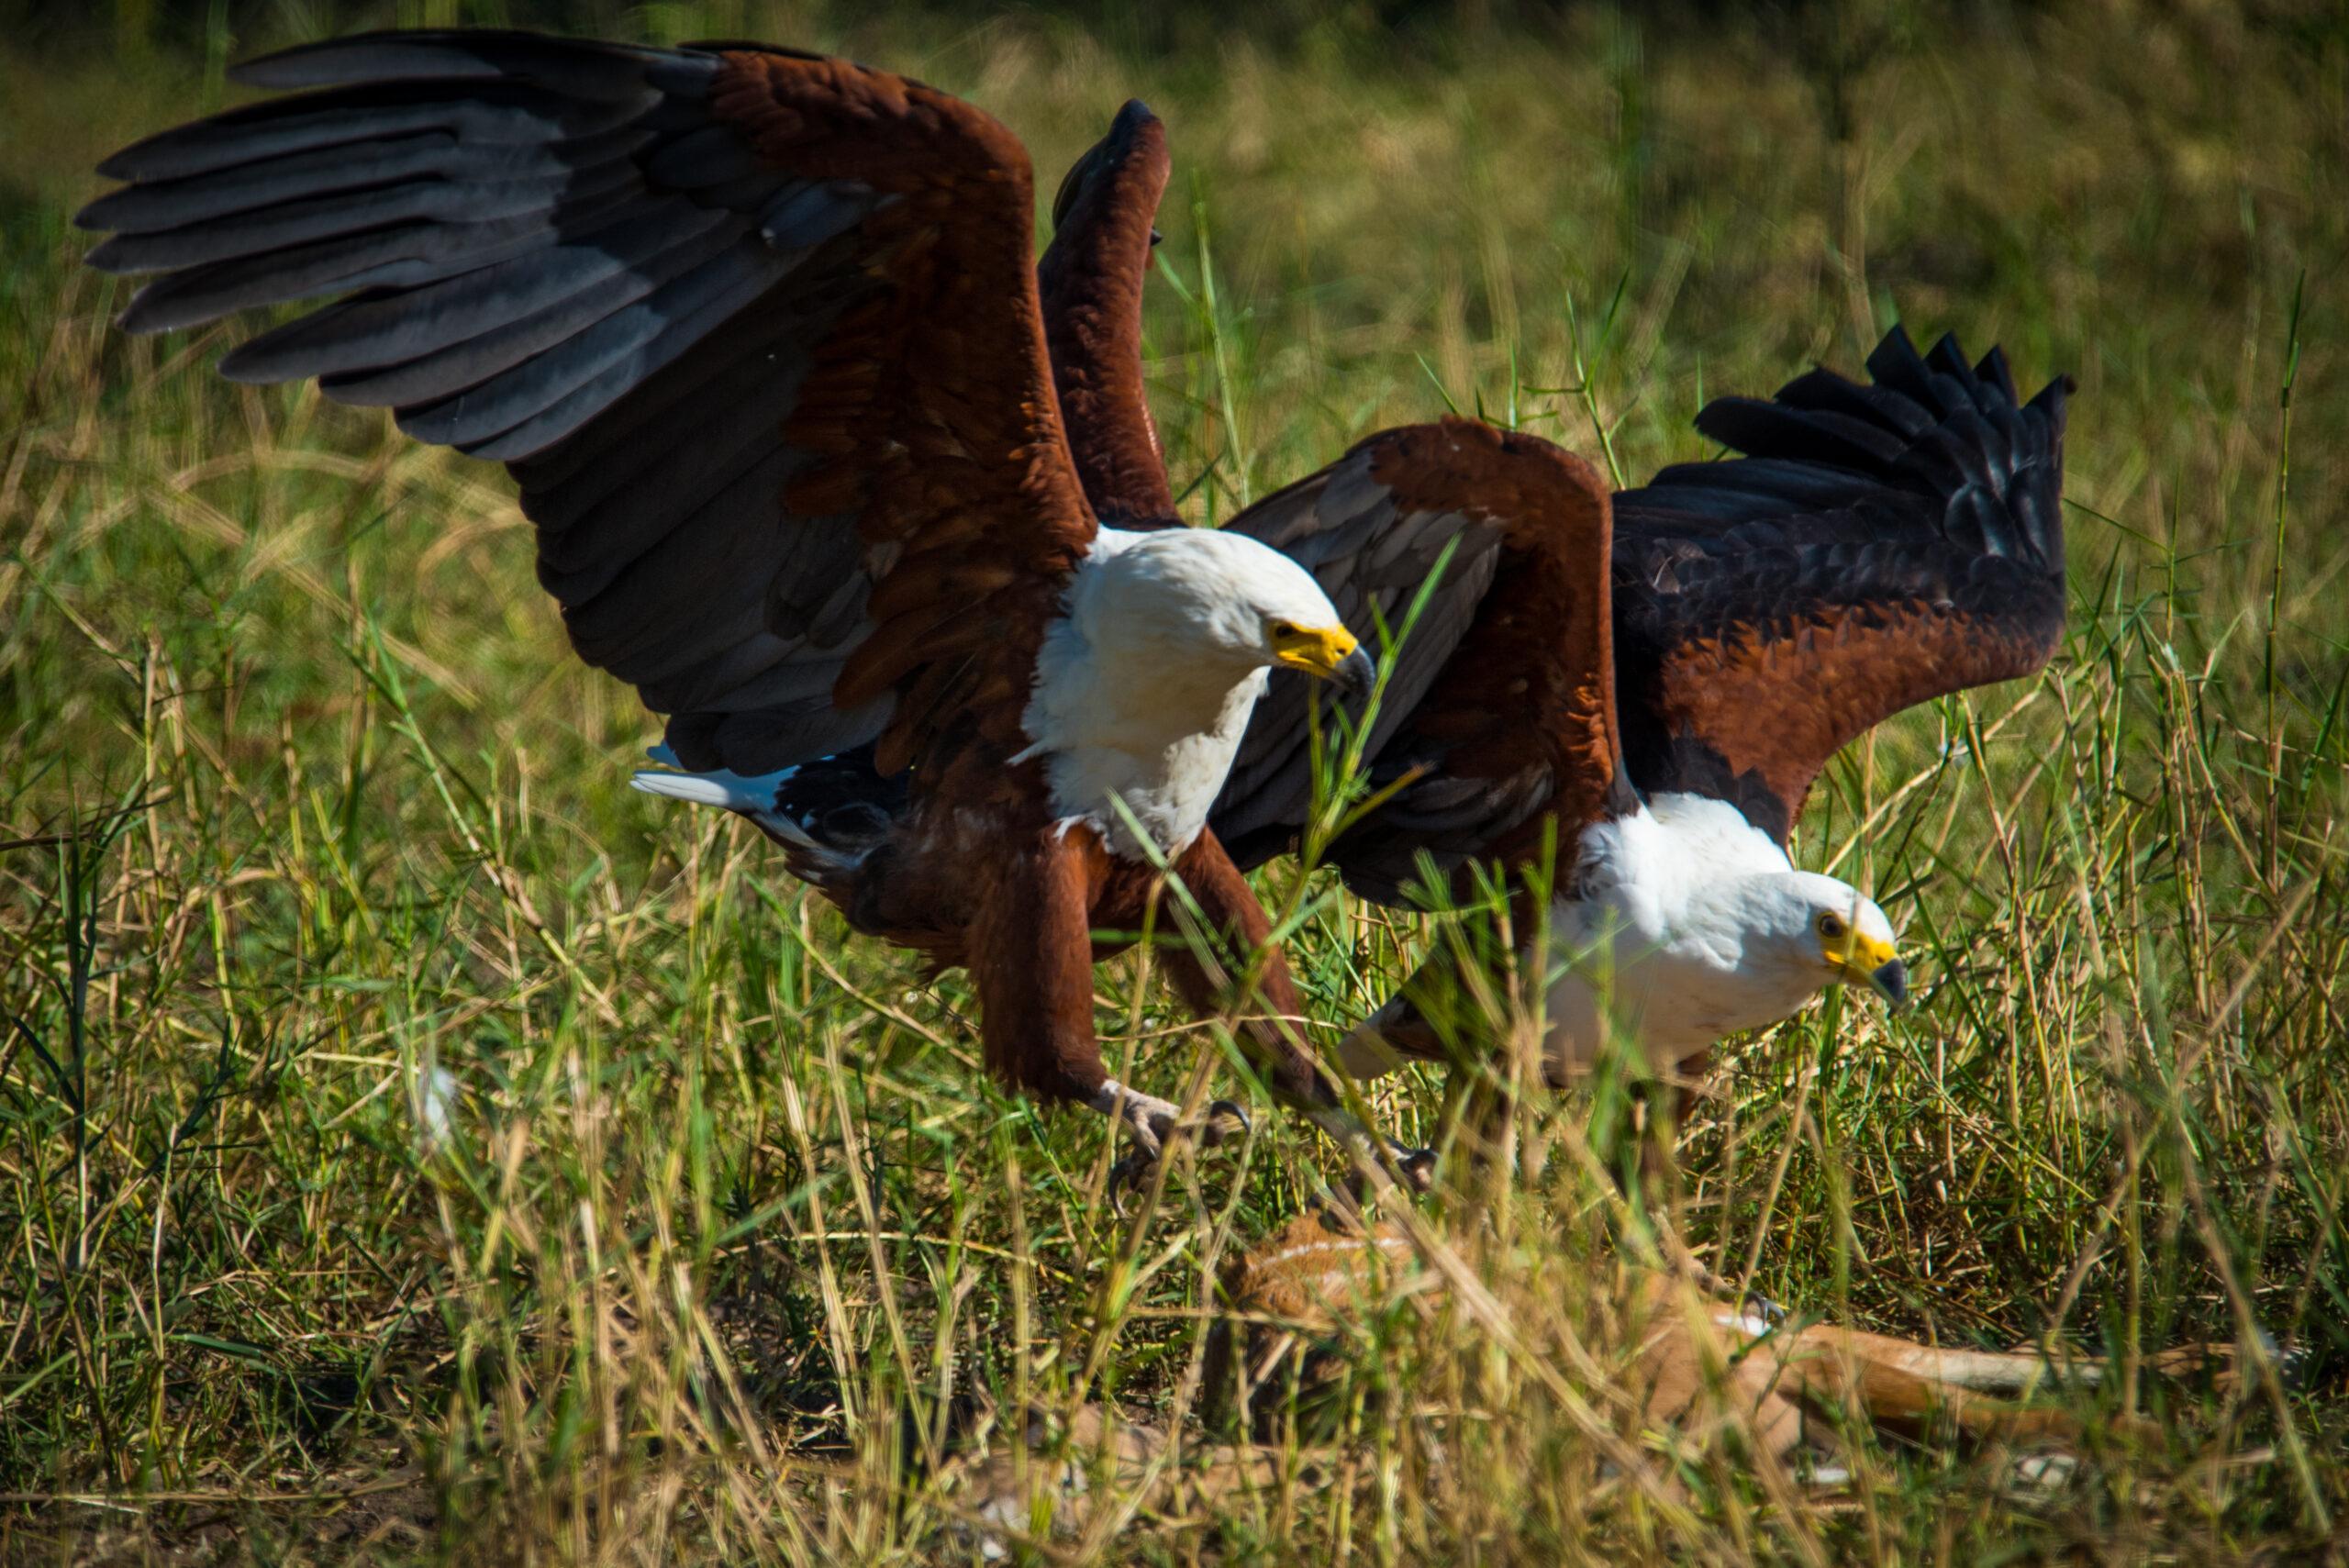 Bird viewing at Nokanyana